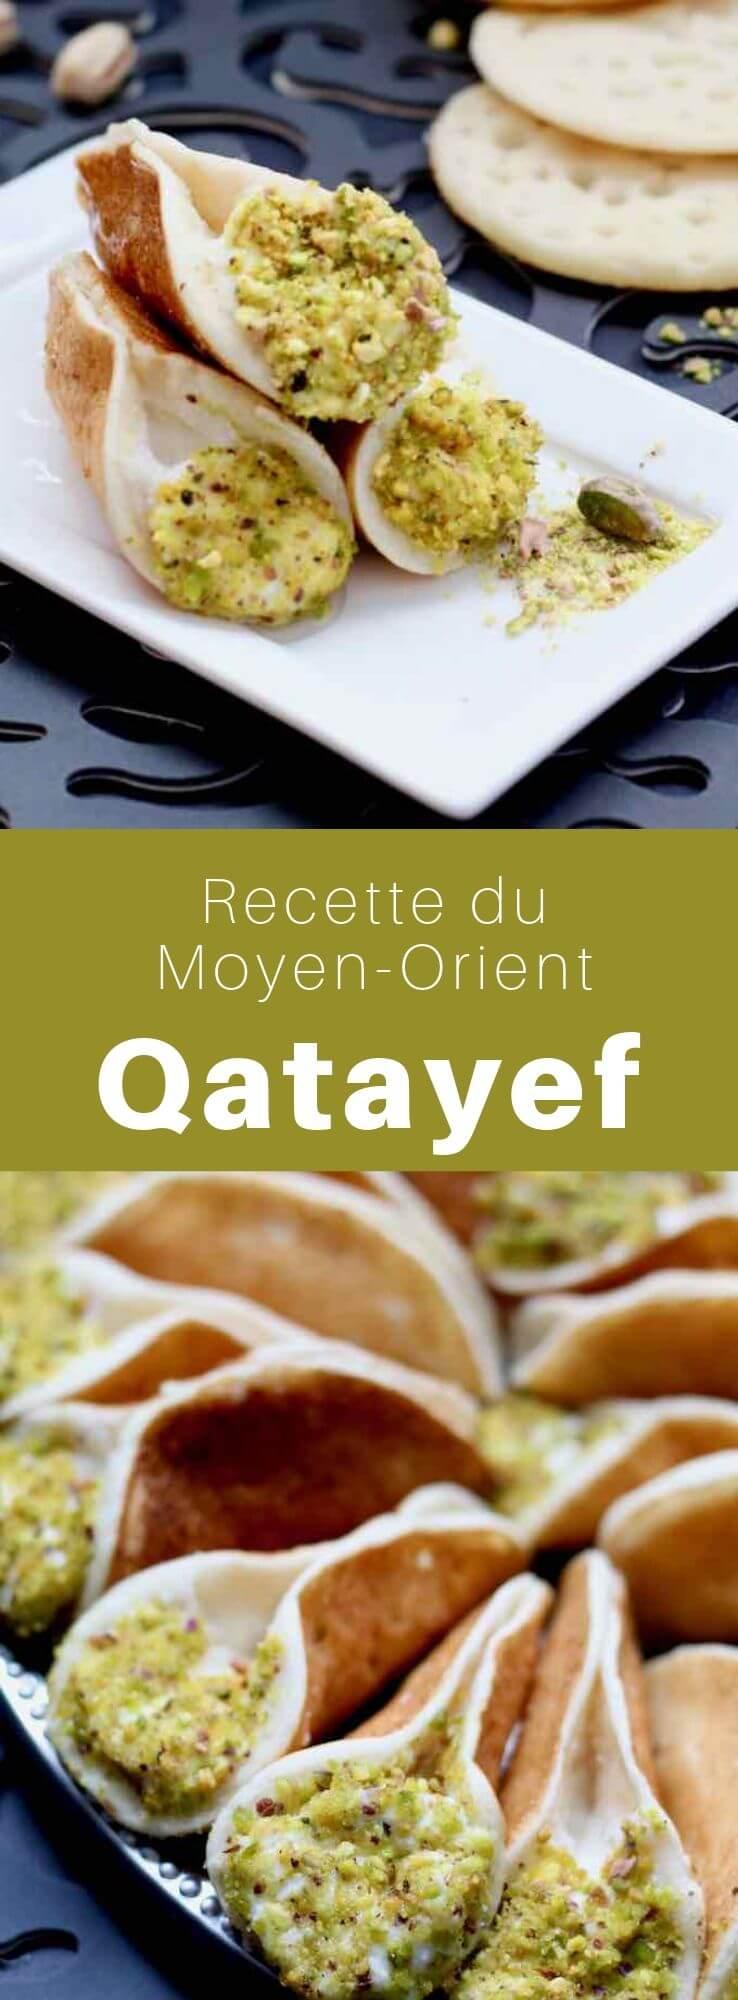 Le katayef ou qatayef est un dessert à base de crêpe farcie de crème nappée de pistaches, caractéristique du mois de ramadan dans les pays arabes du Moyen-Orient. #CuisineSyrienne #RecetteSyrienne #Syrie #CuisineMoyenOrientale #MoyenOrient #CuisineArabe #RecetteArabe #CuisineDuMonde #196flavors